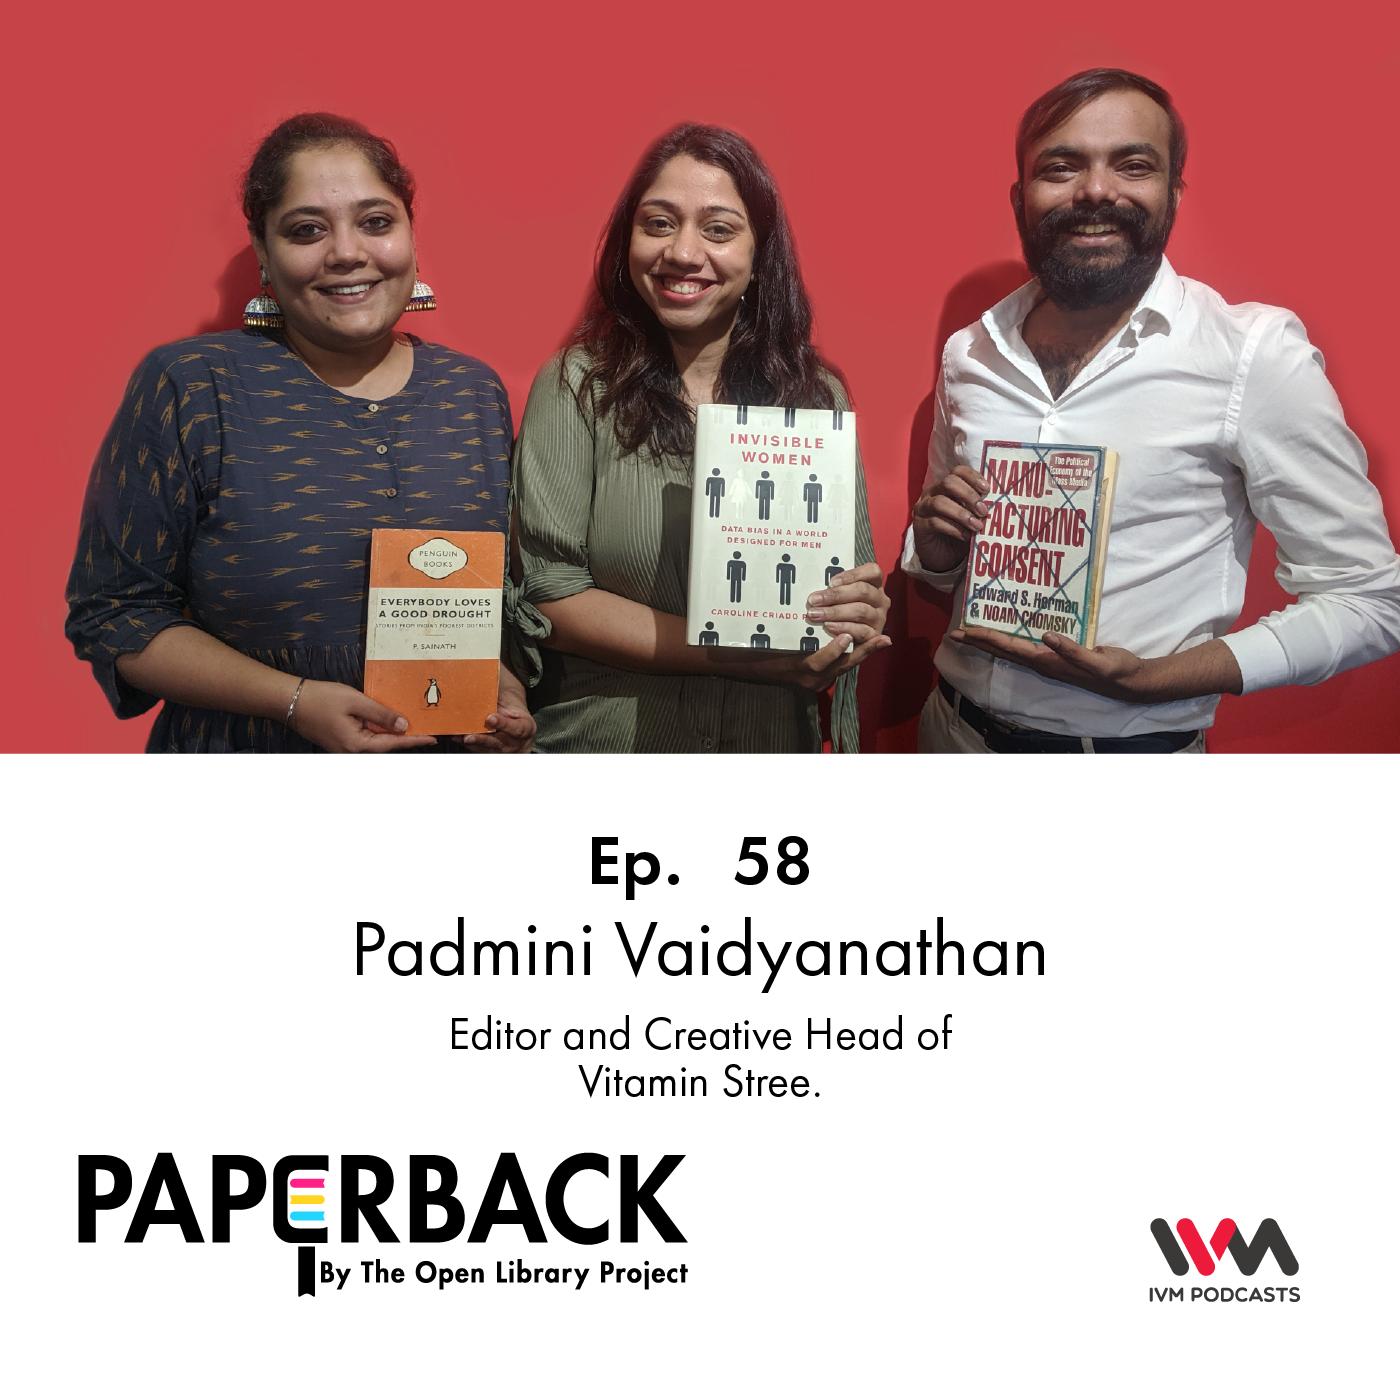 Ep. 58: Padmini Vaidyanathan